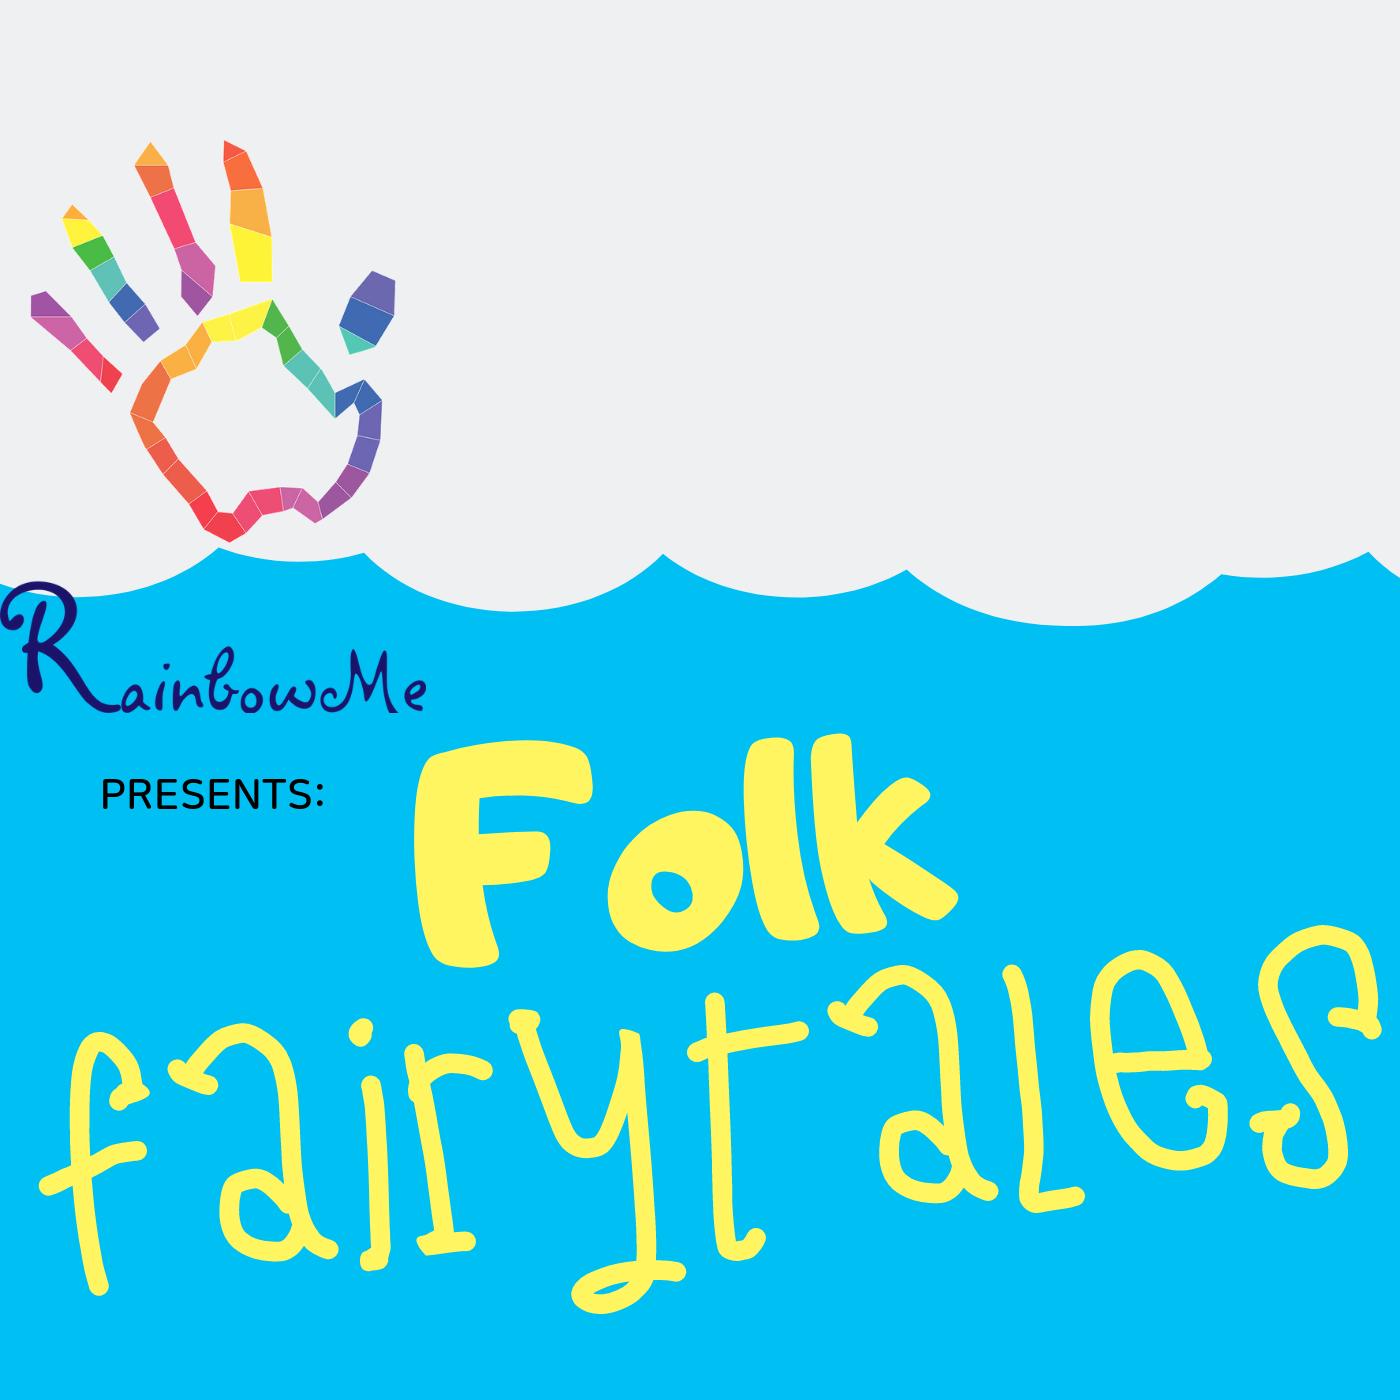 RainbowMe Kids Presents: Folk Fairytales